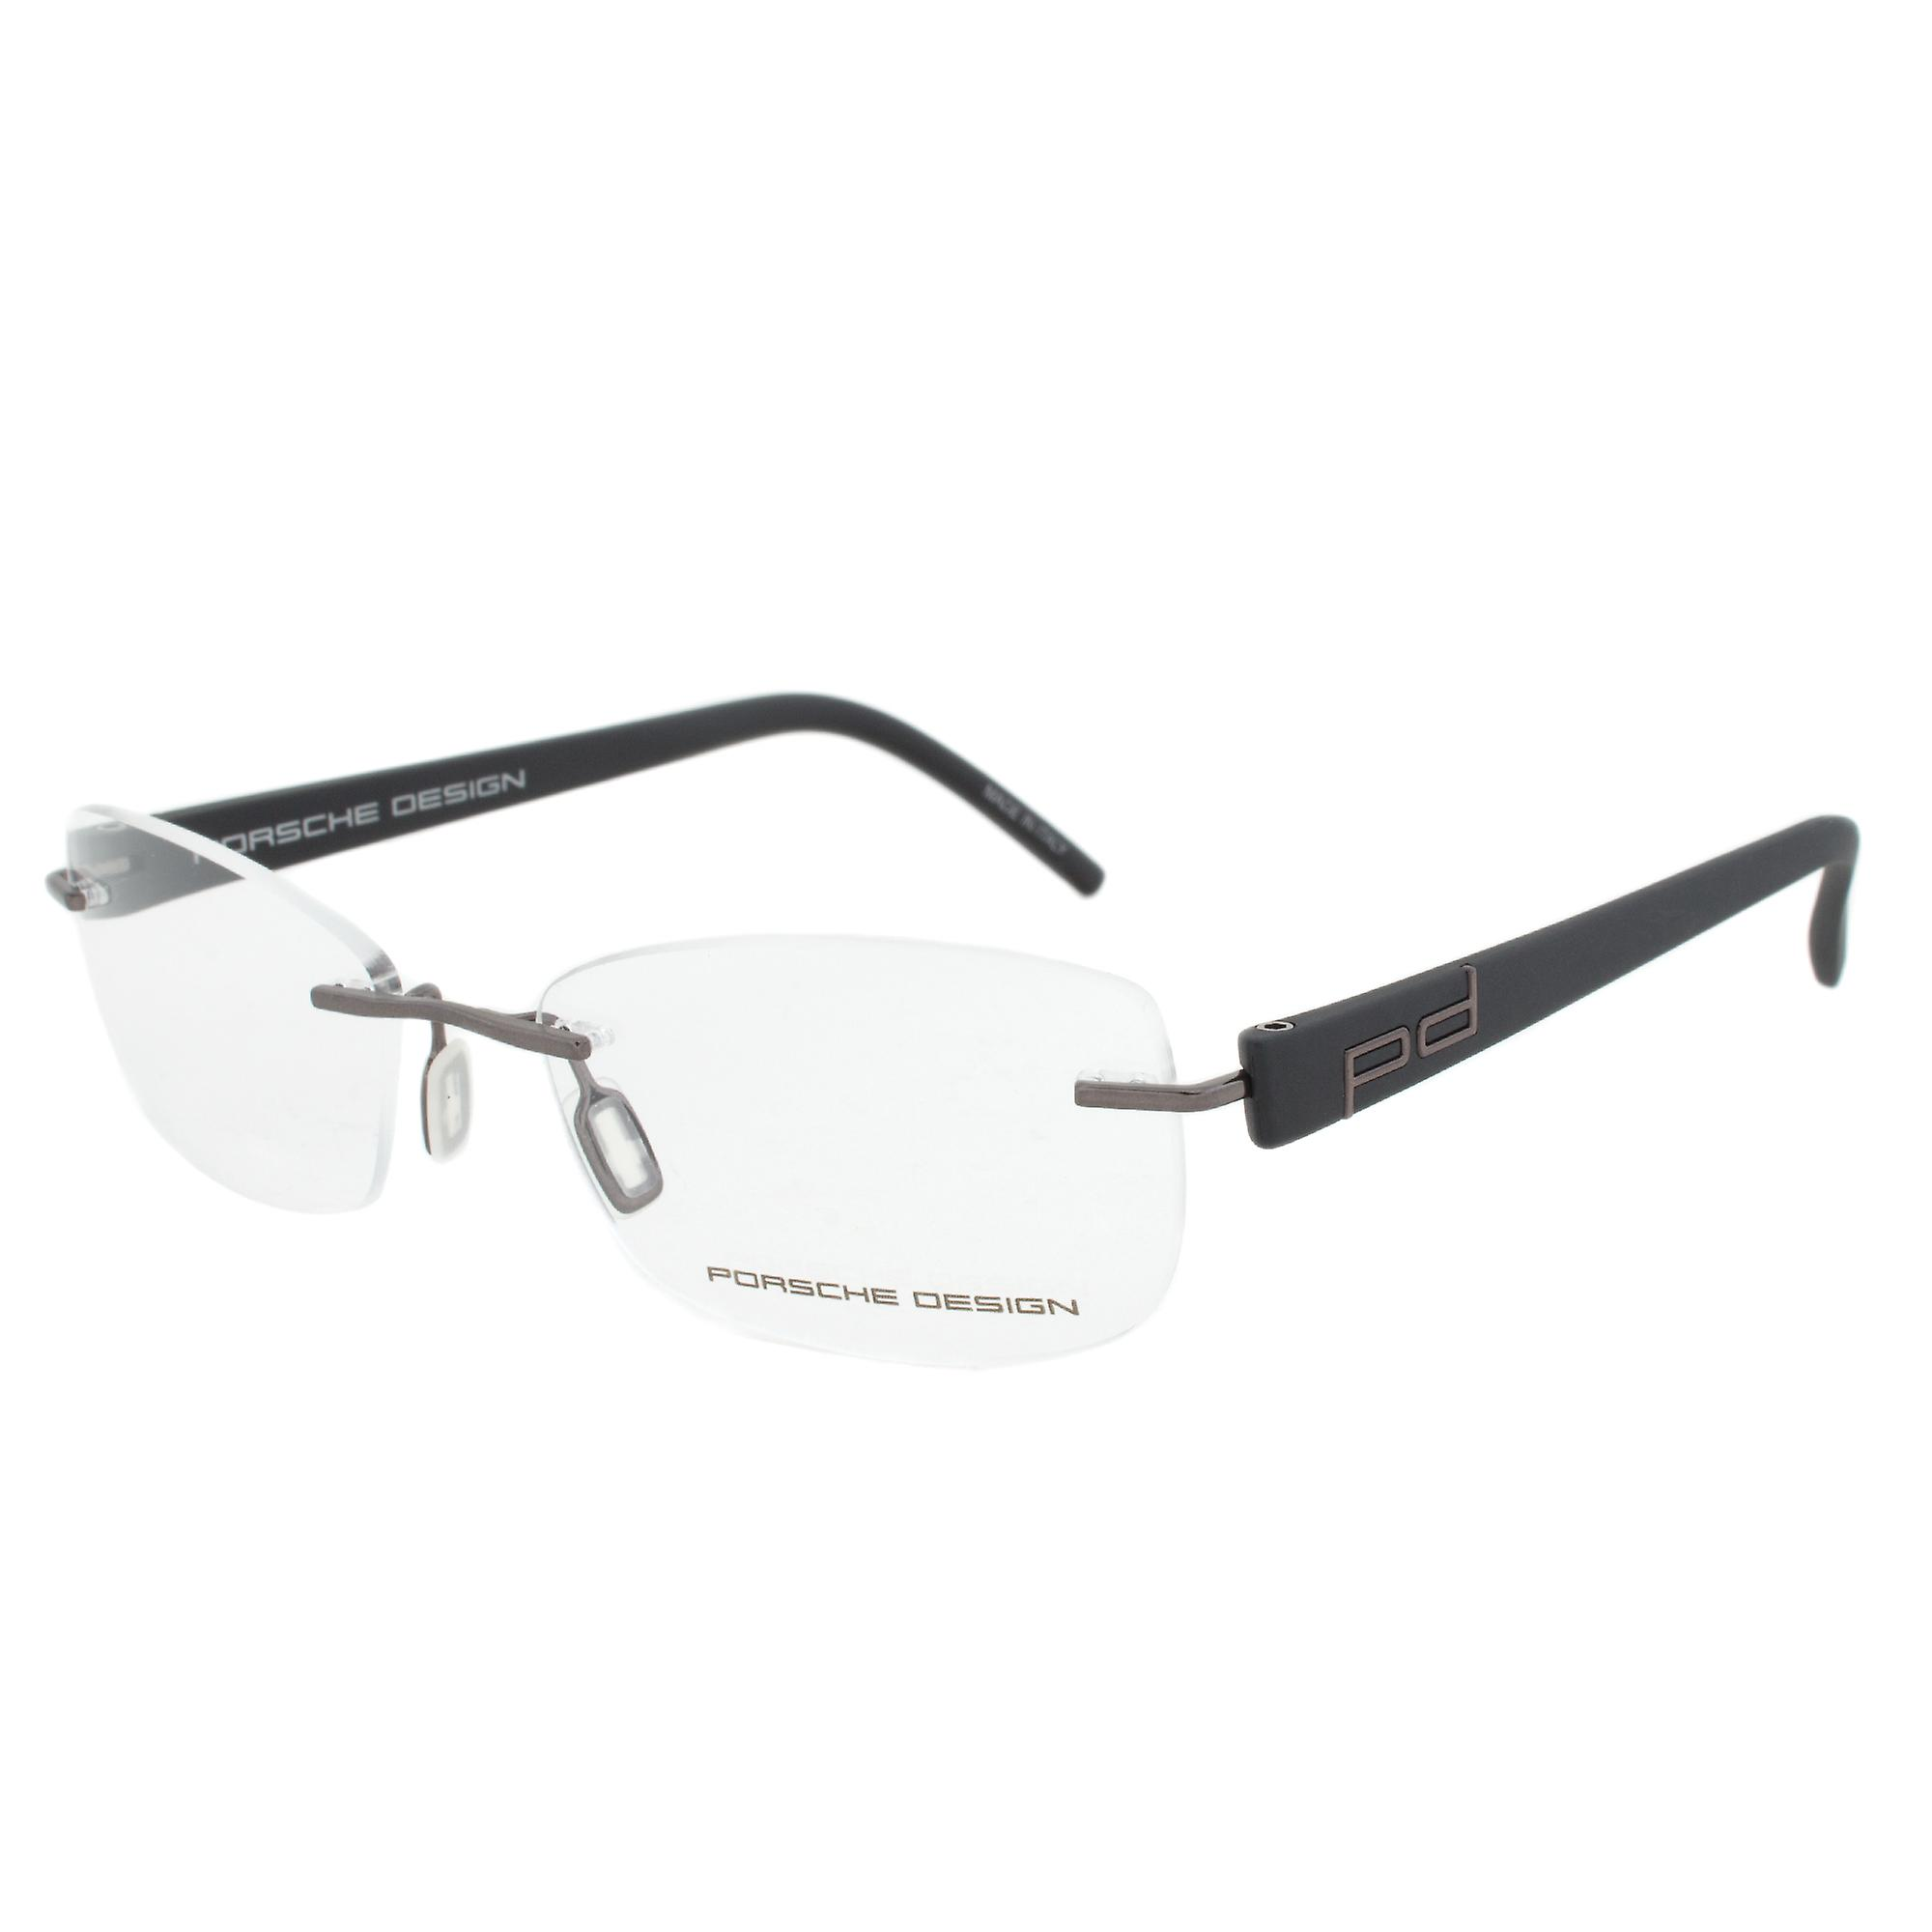 Porsche Design P8209 D  Rectangular | Gunmetal/Matte Black| Eyeglass Frames